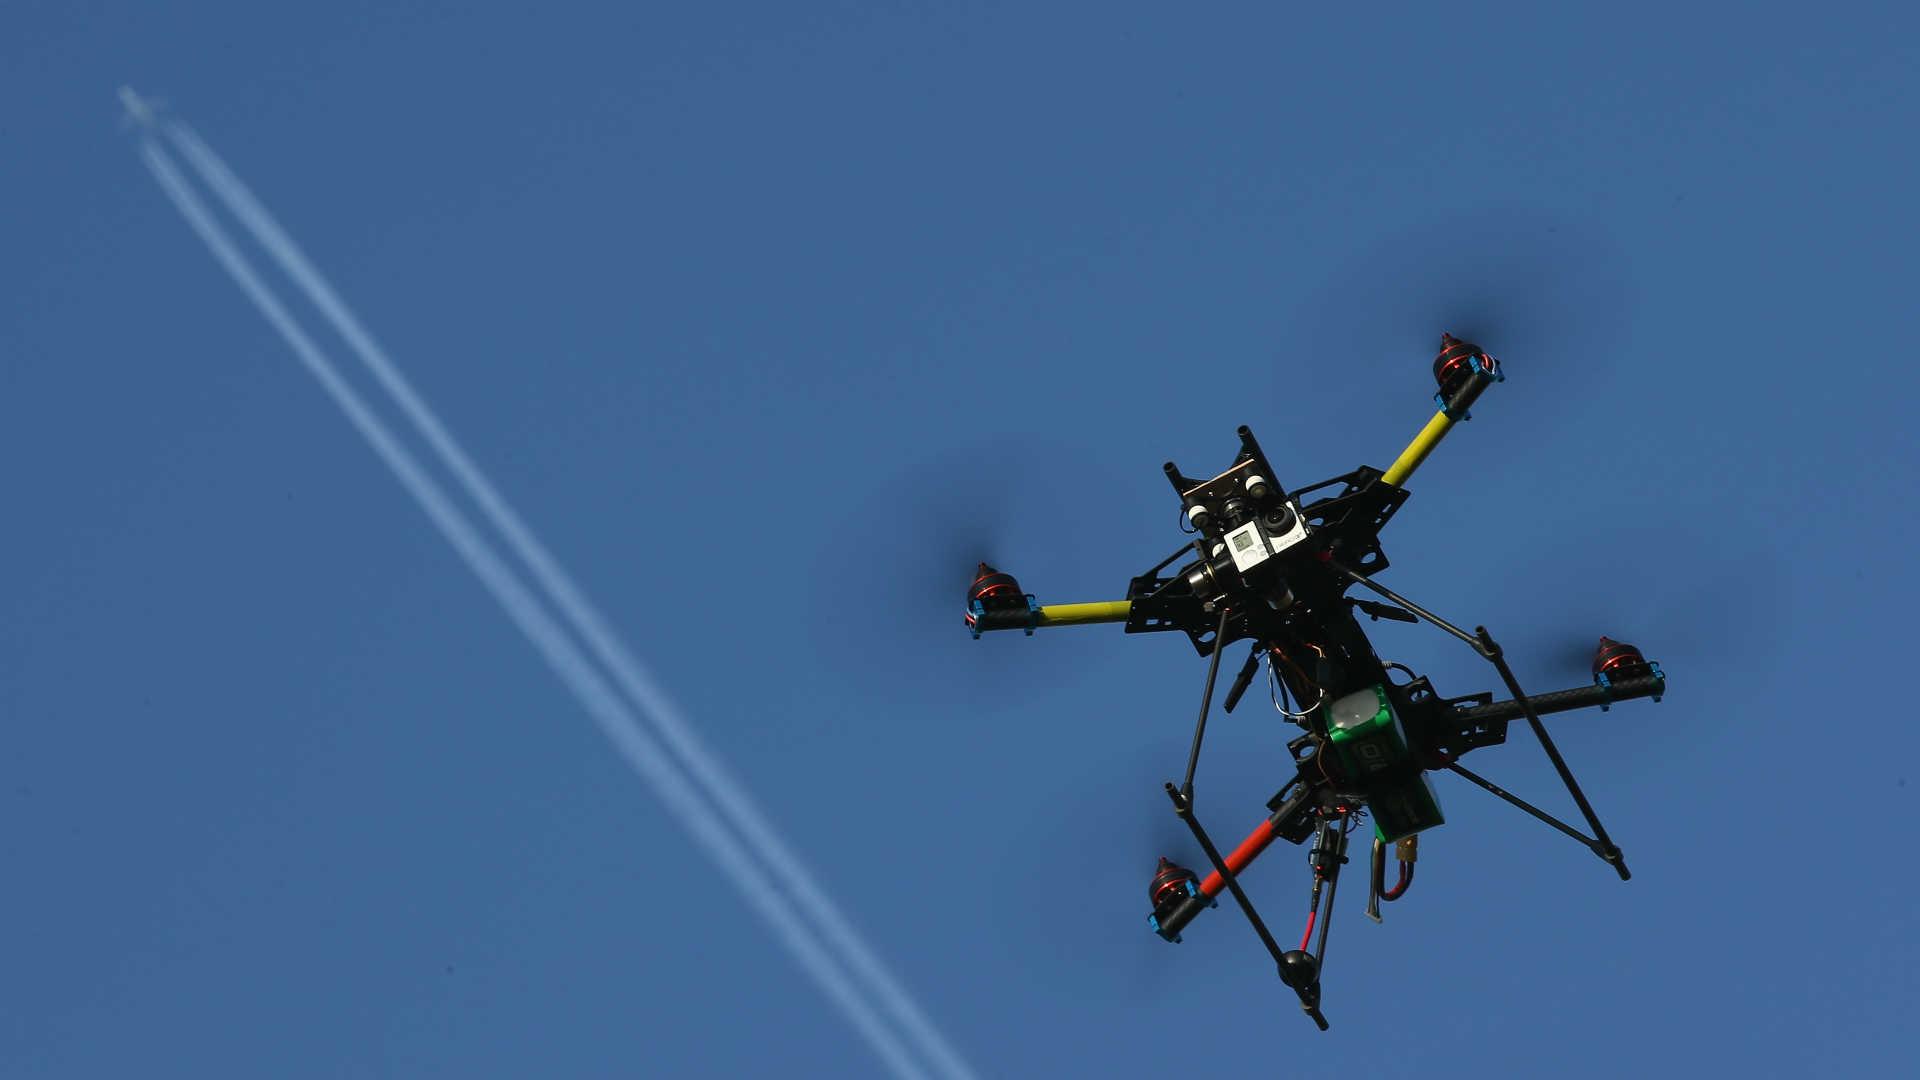 A commercial quadcopter